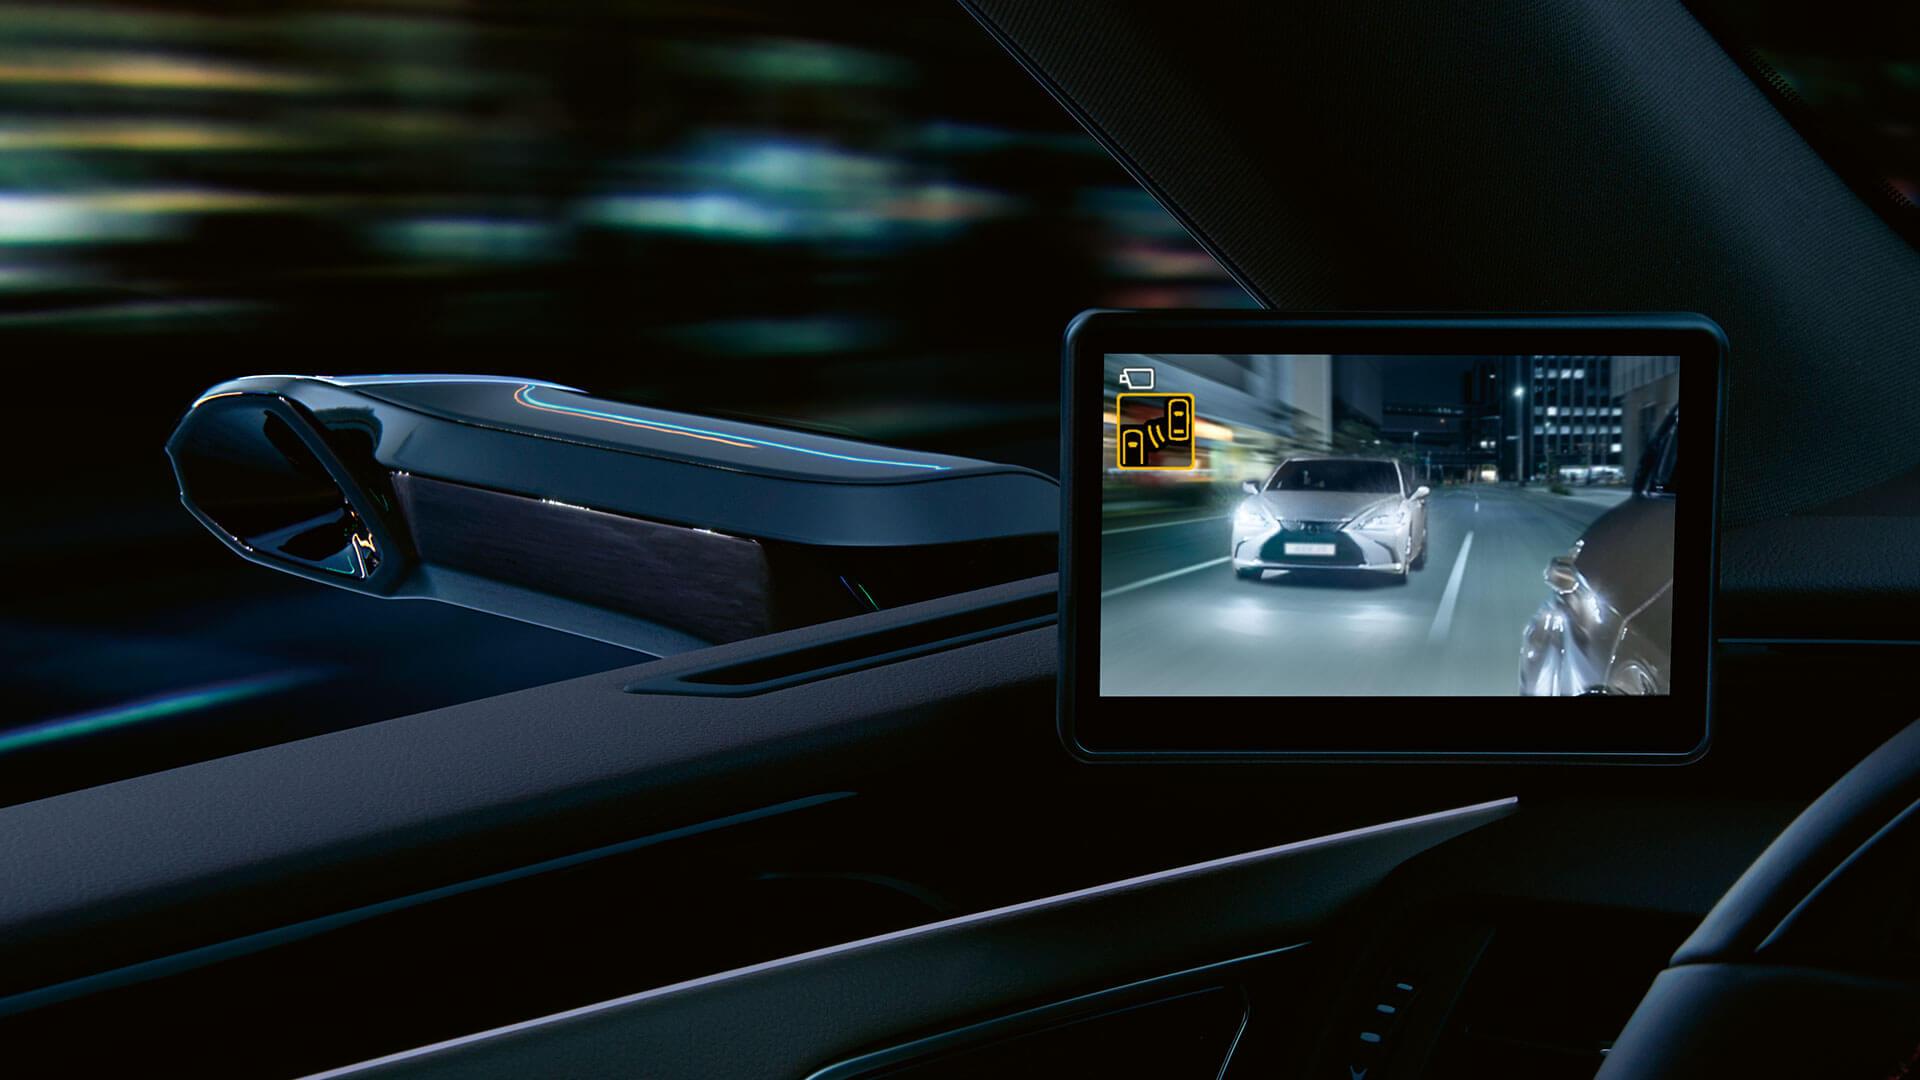 1 2020 lexus es gallery digital mirror 03